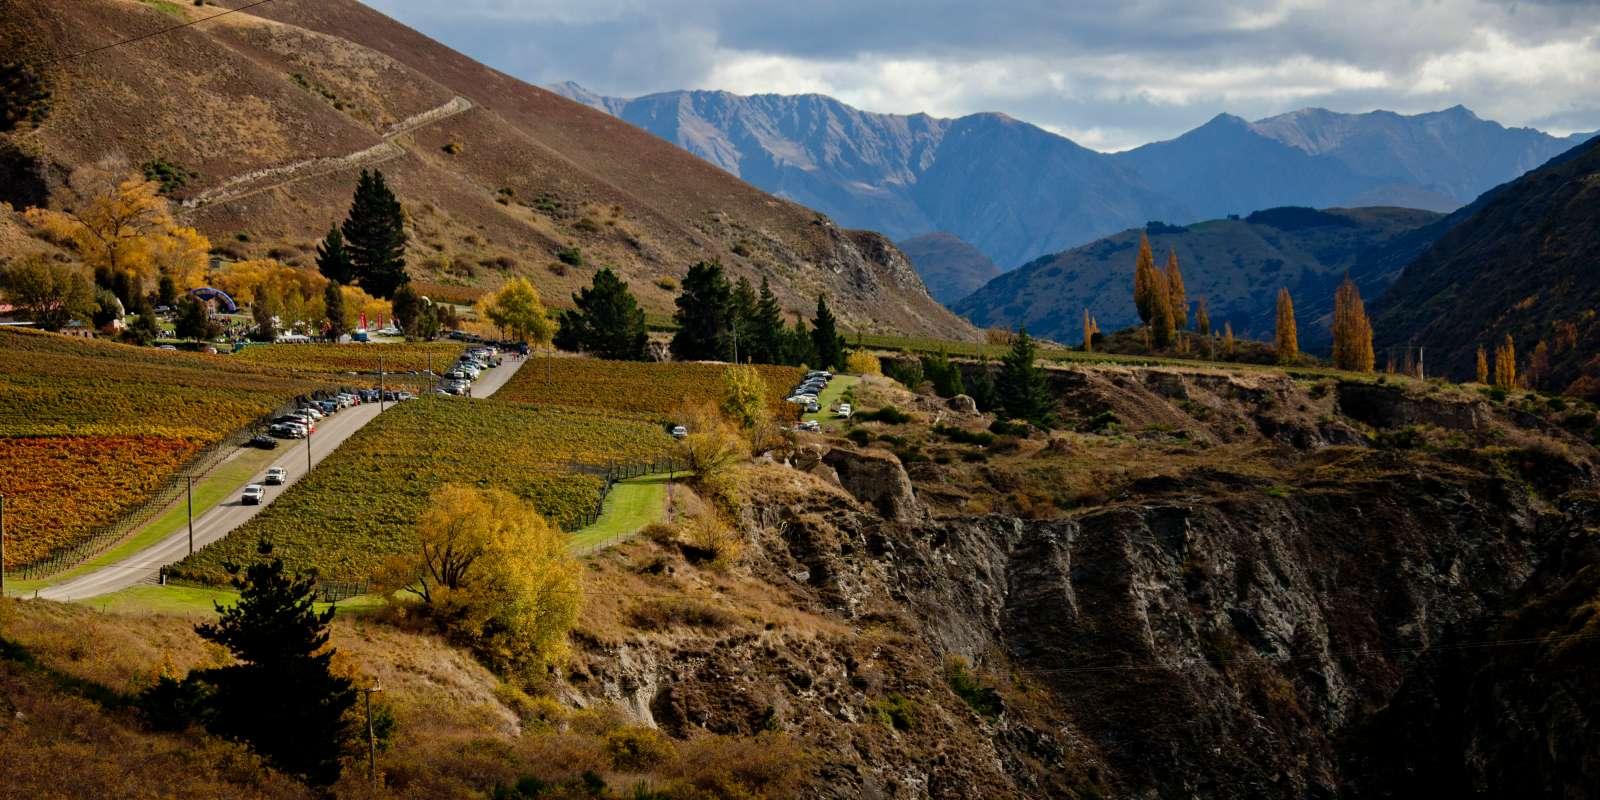 Overlooking Gibbston Valley